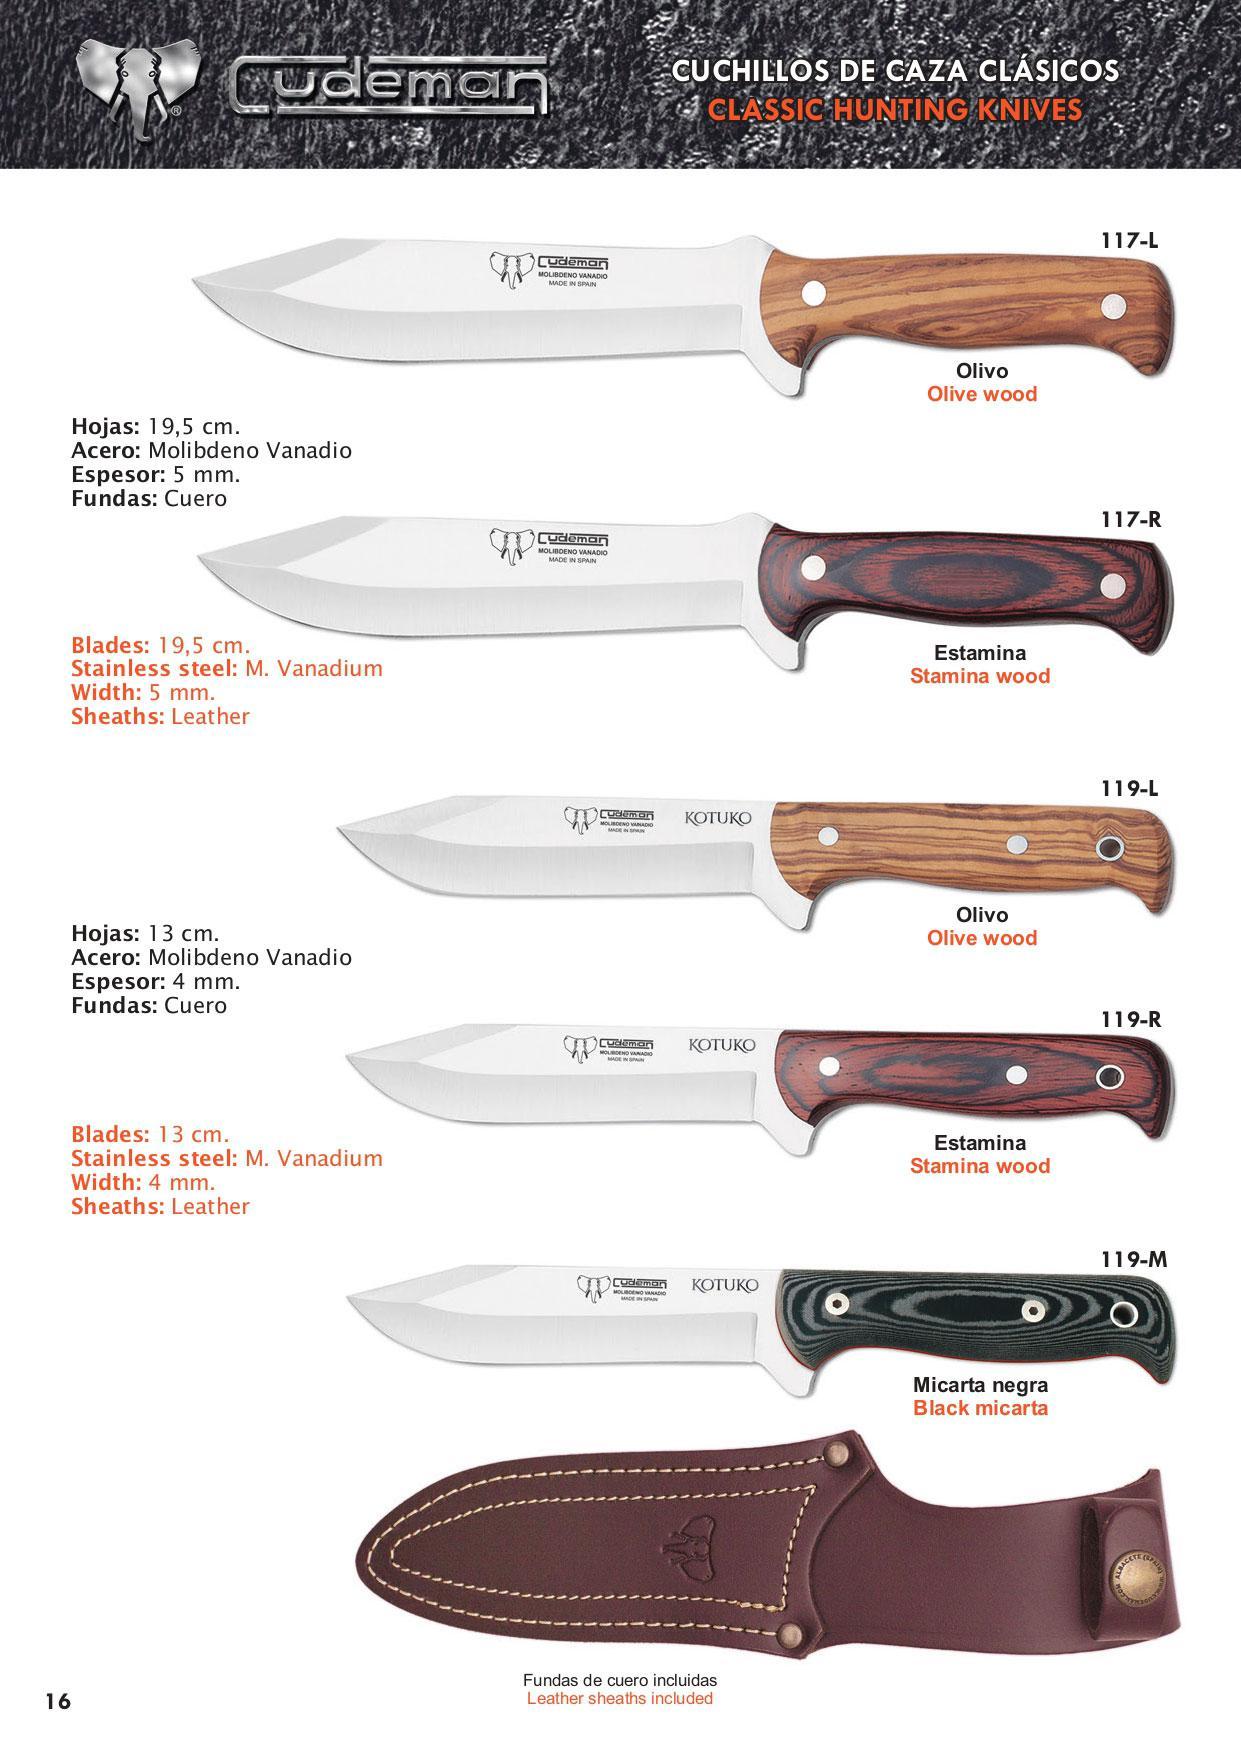 157 r cuchillos de caza 10 cudeman cuchillos tacticos y caza cuchillos caza cuchilleria - Fundas para cuchillos de cocina ...